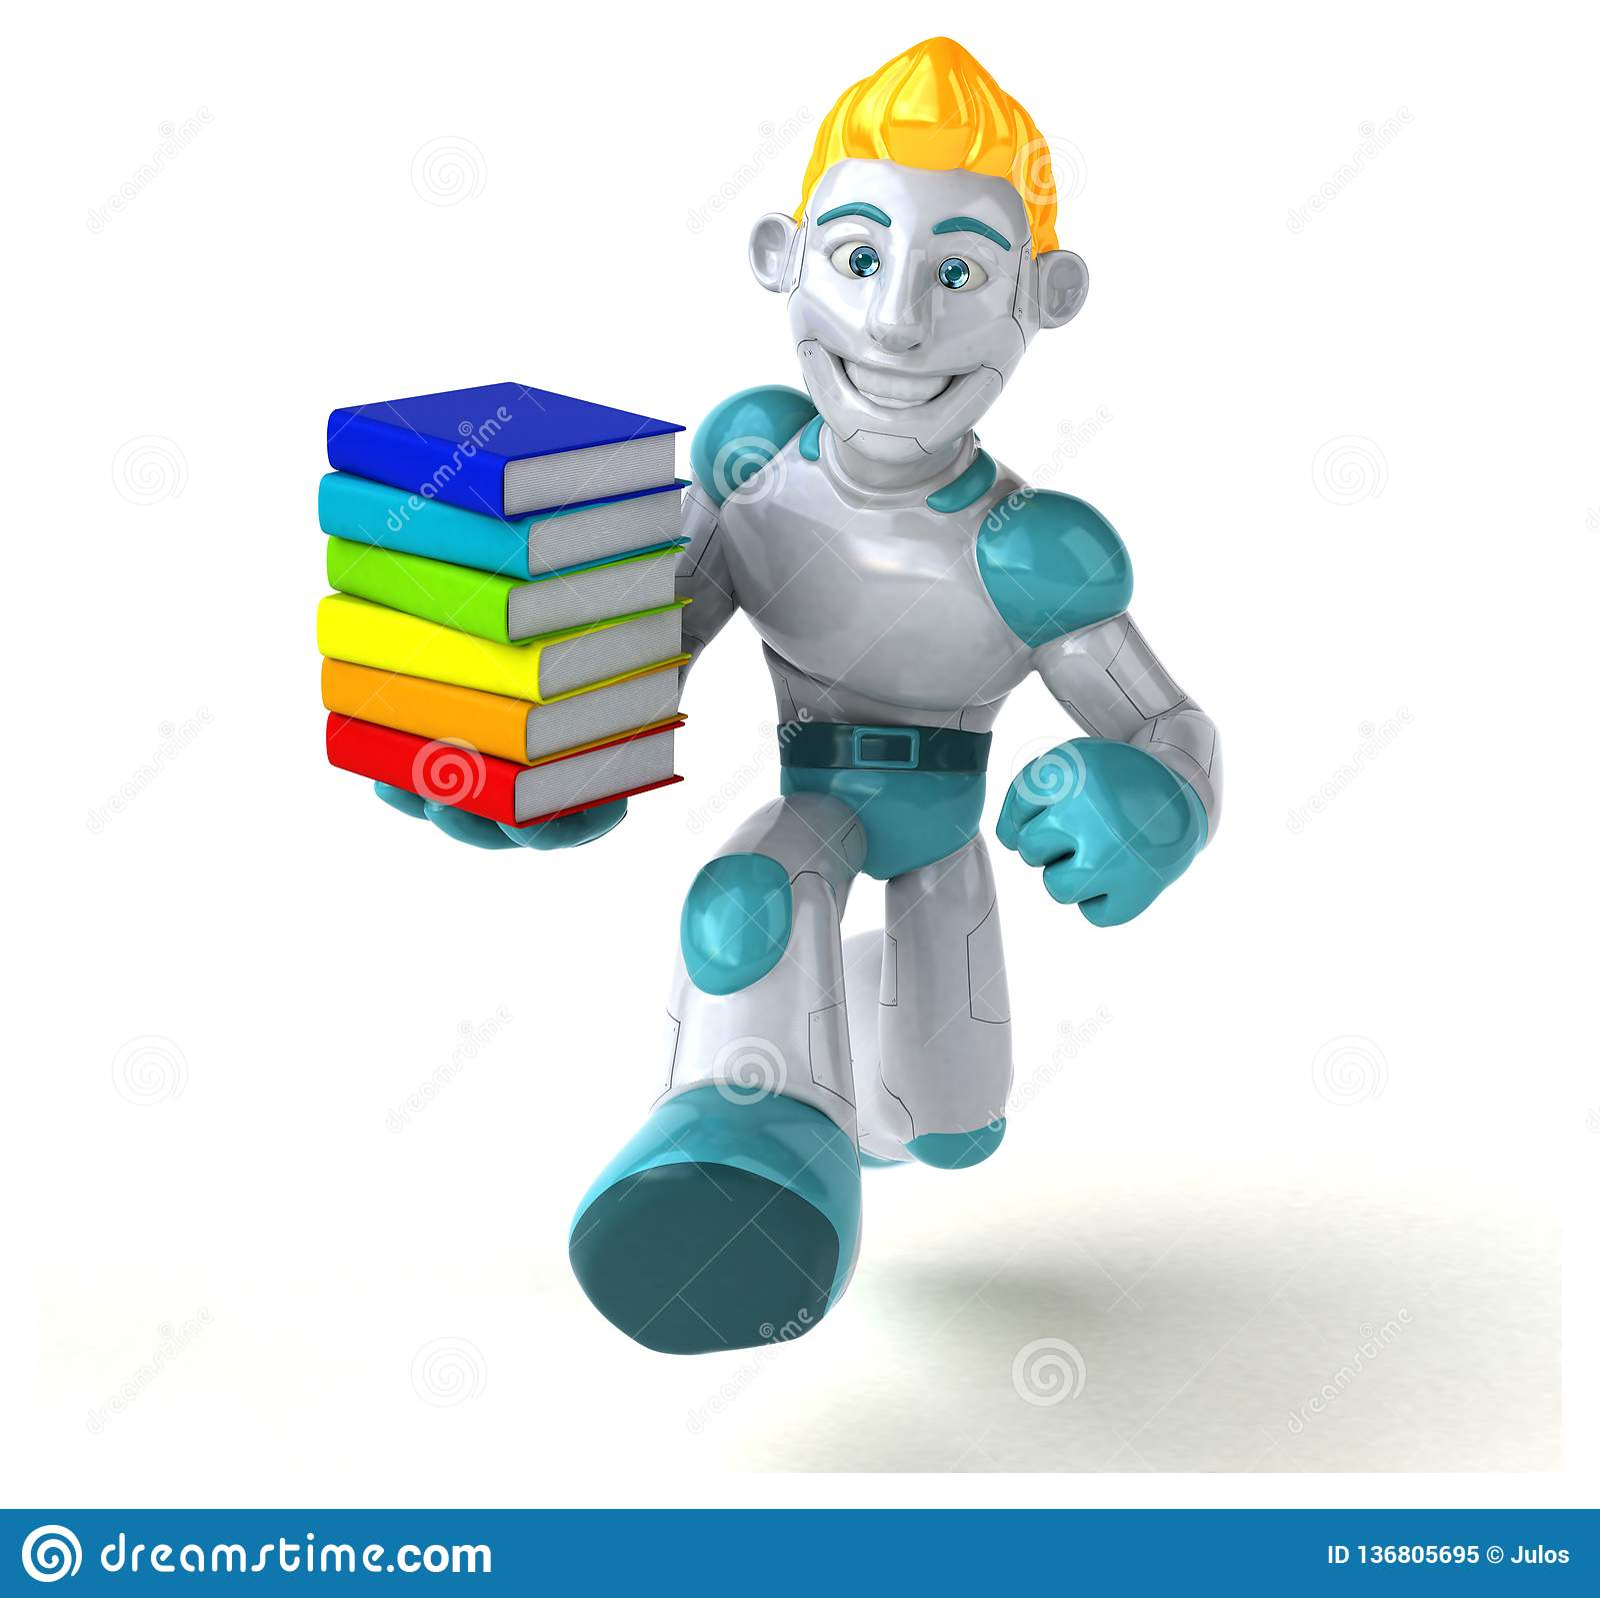 Roboter - Illustration 3D